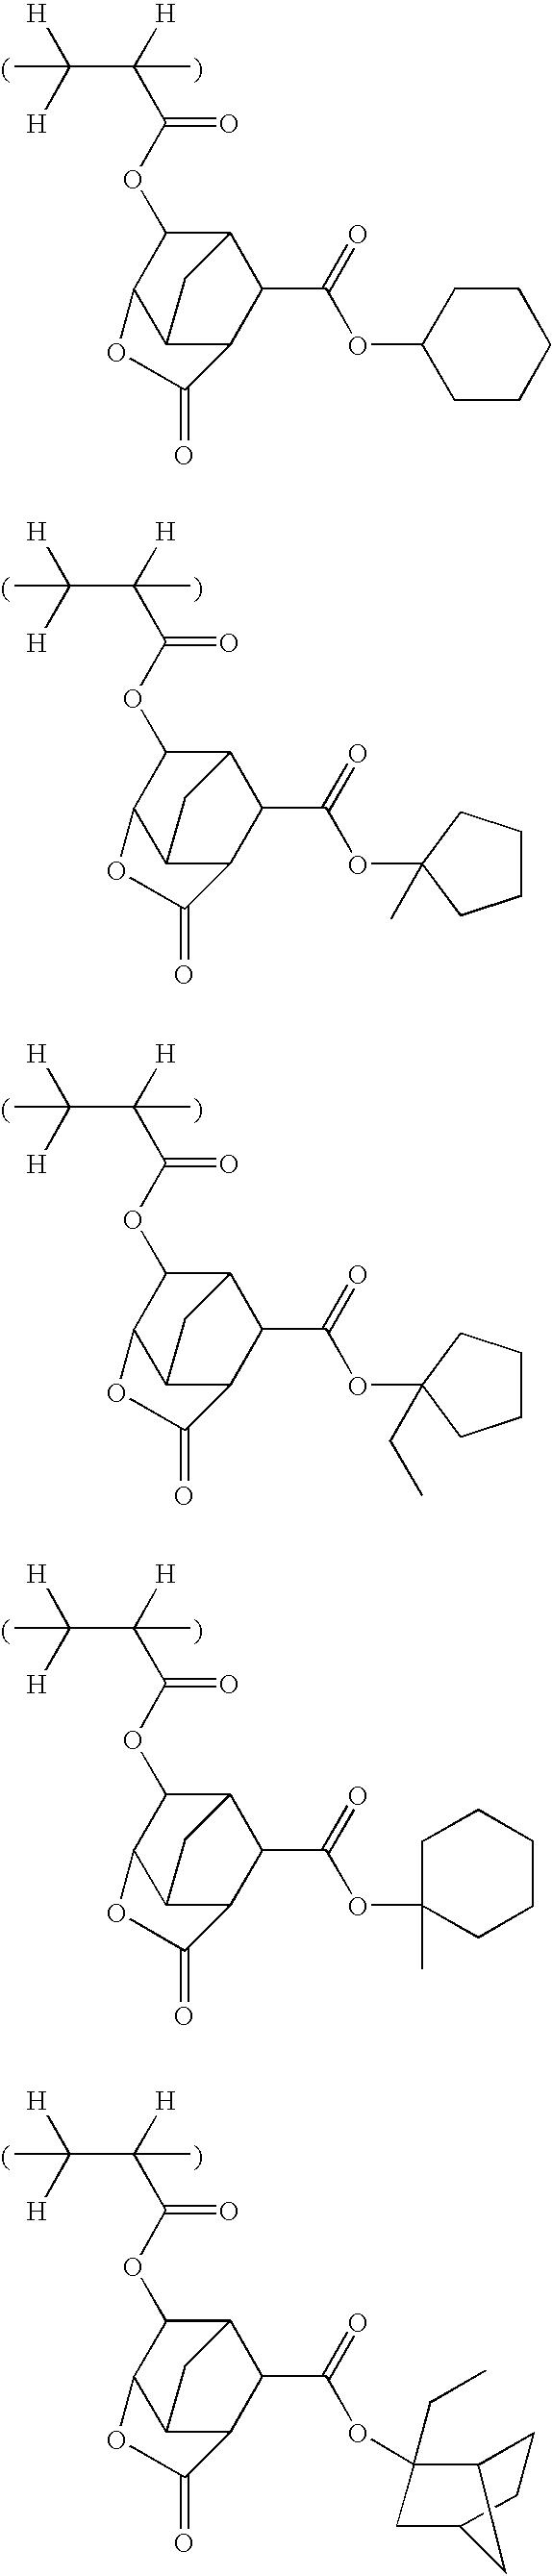 Figure US20090011365A1-20090108-C00055